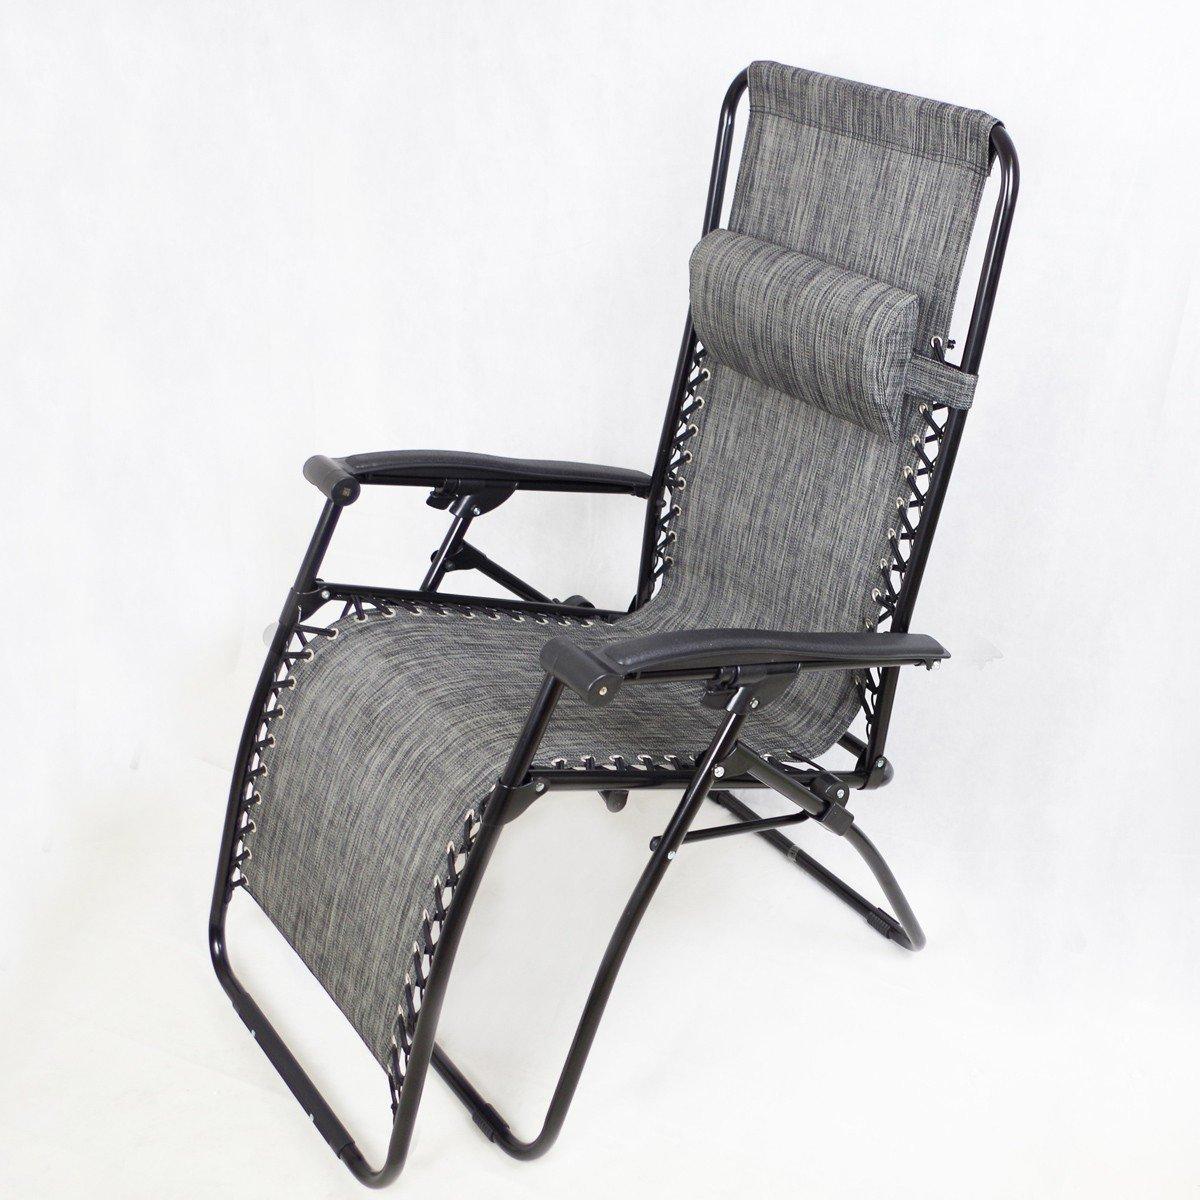 gartenst hle mit fu teil fa67 kyushucon. Black Bedroom Furniture Sets. Home Design Ideas